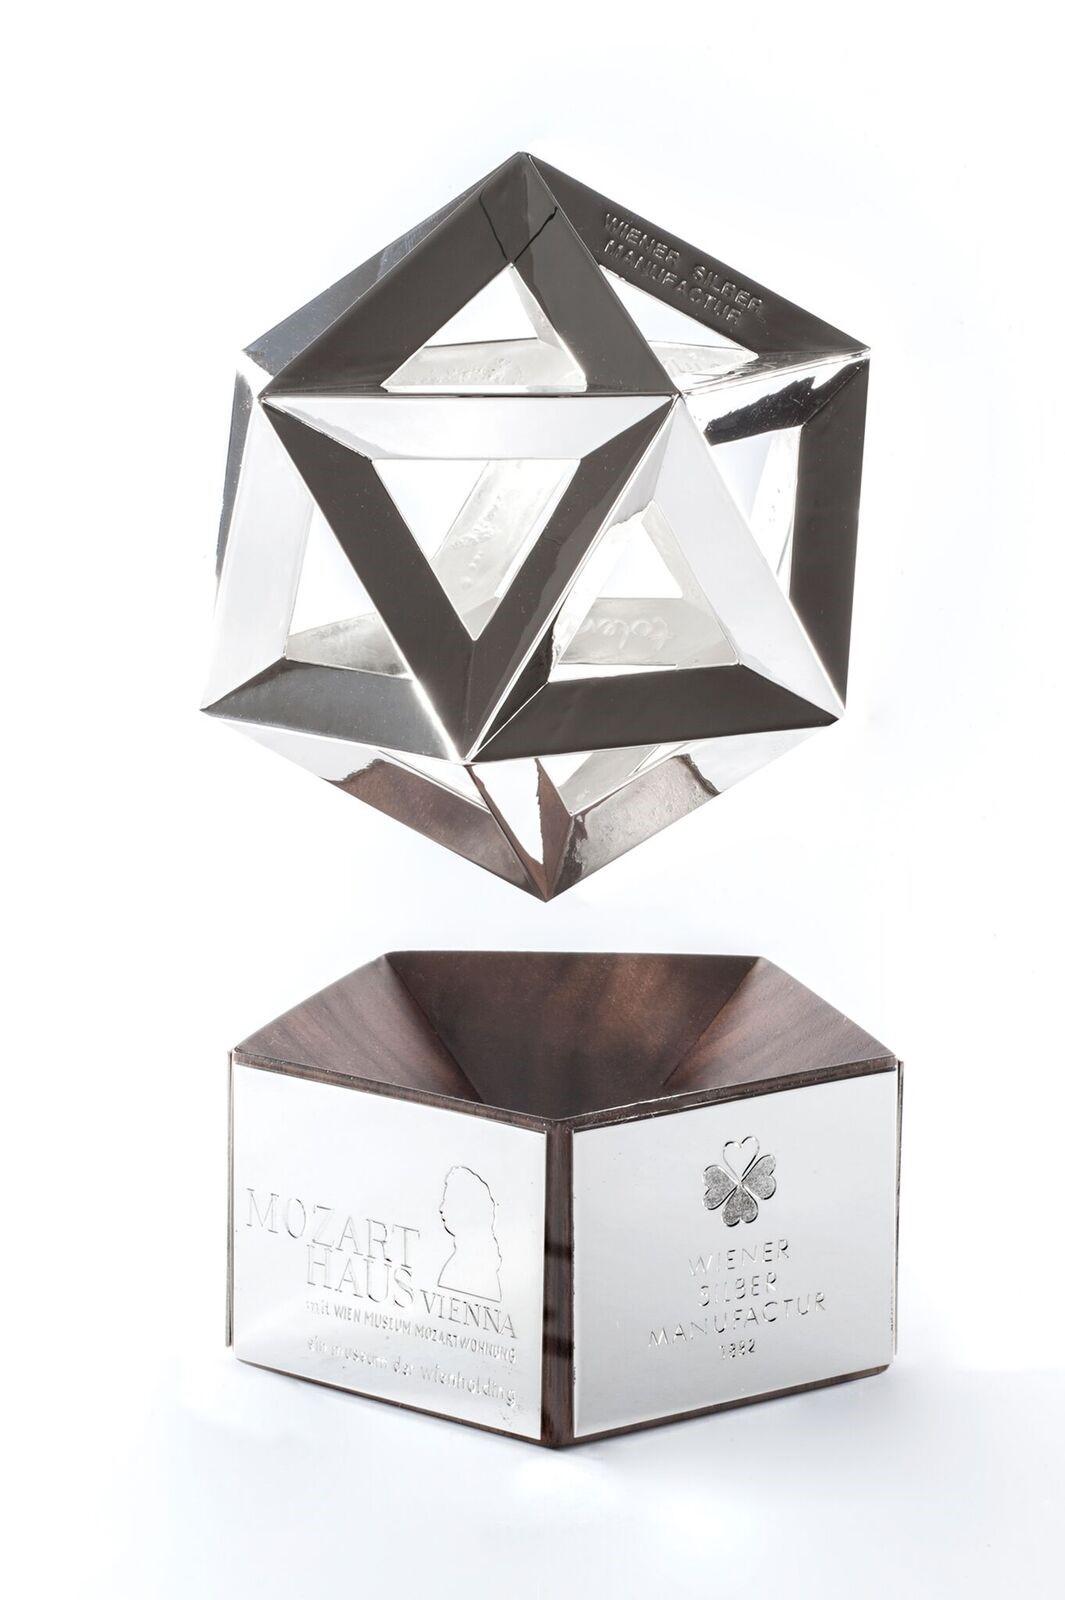 3D-Druck-Award: 3D Activation druckt Mozart-Preis